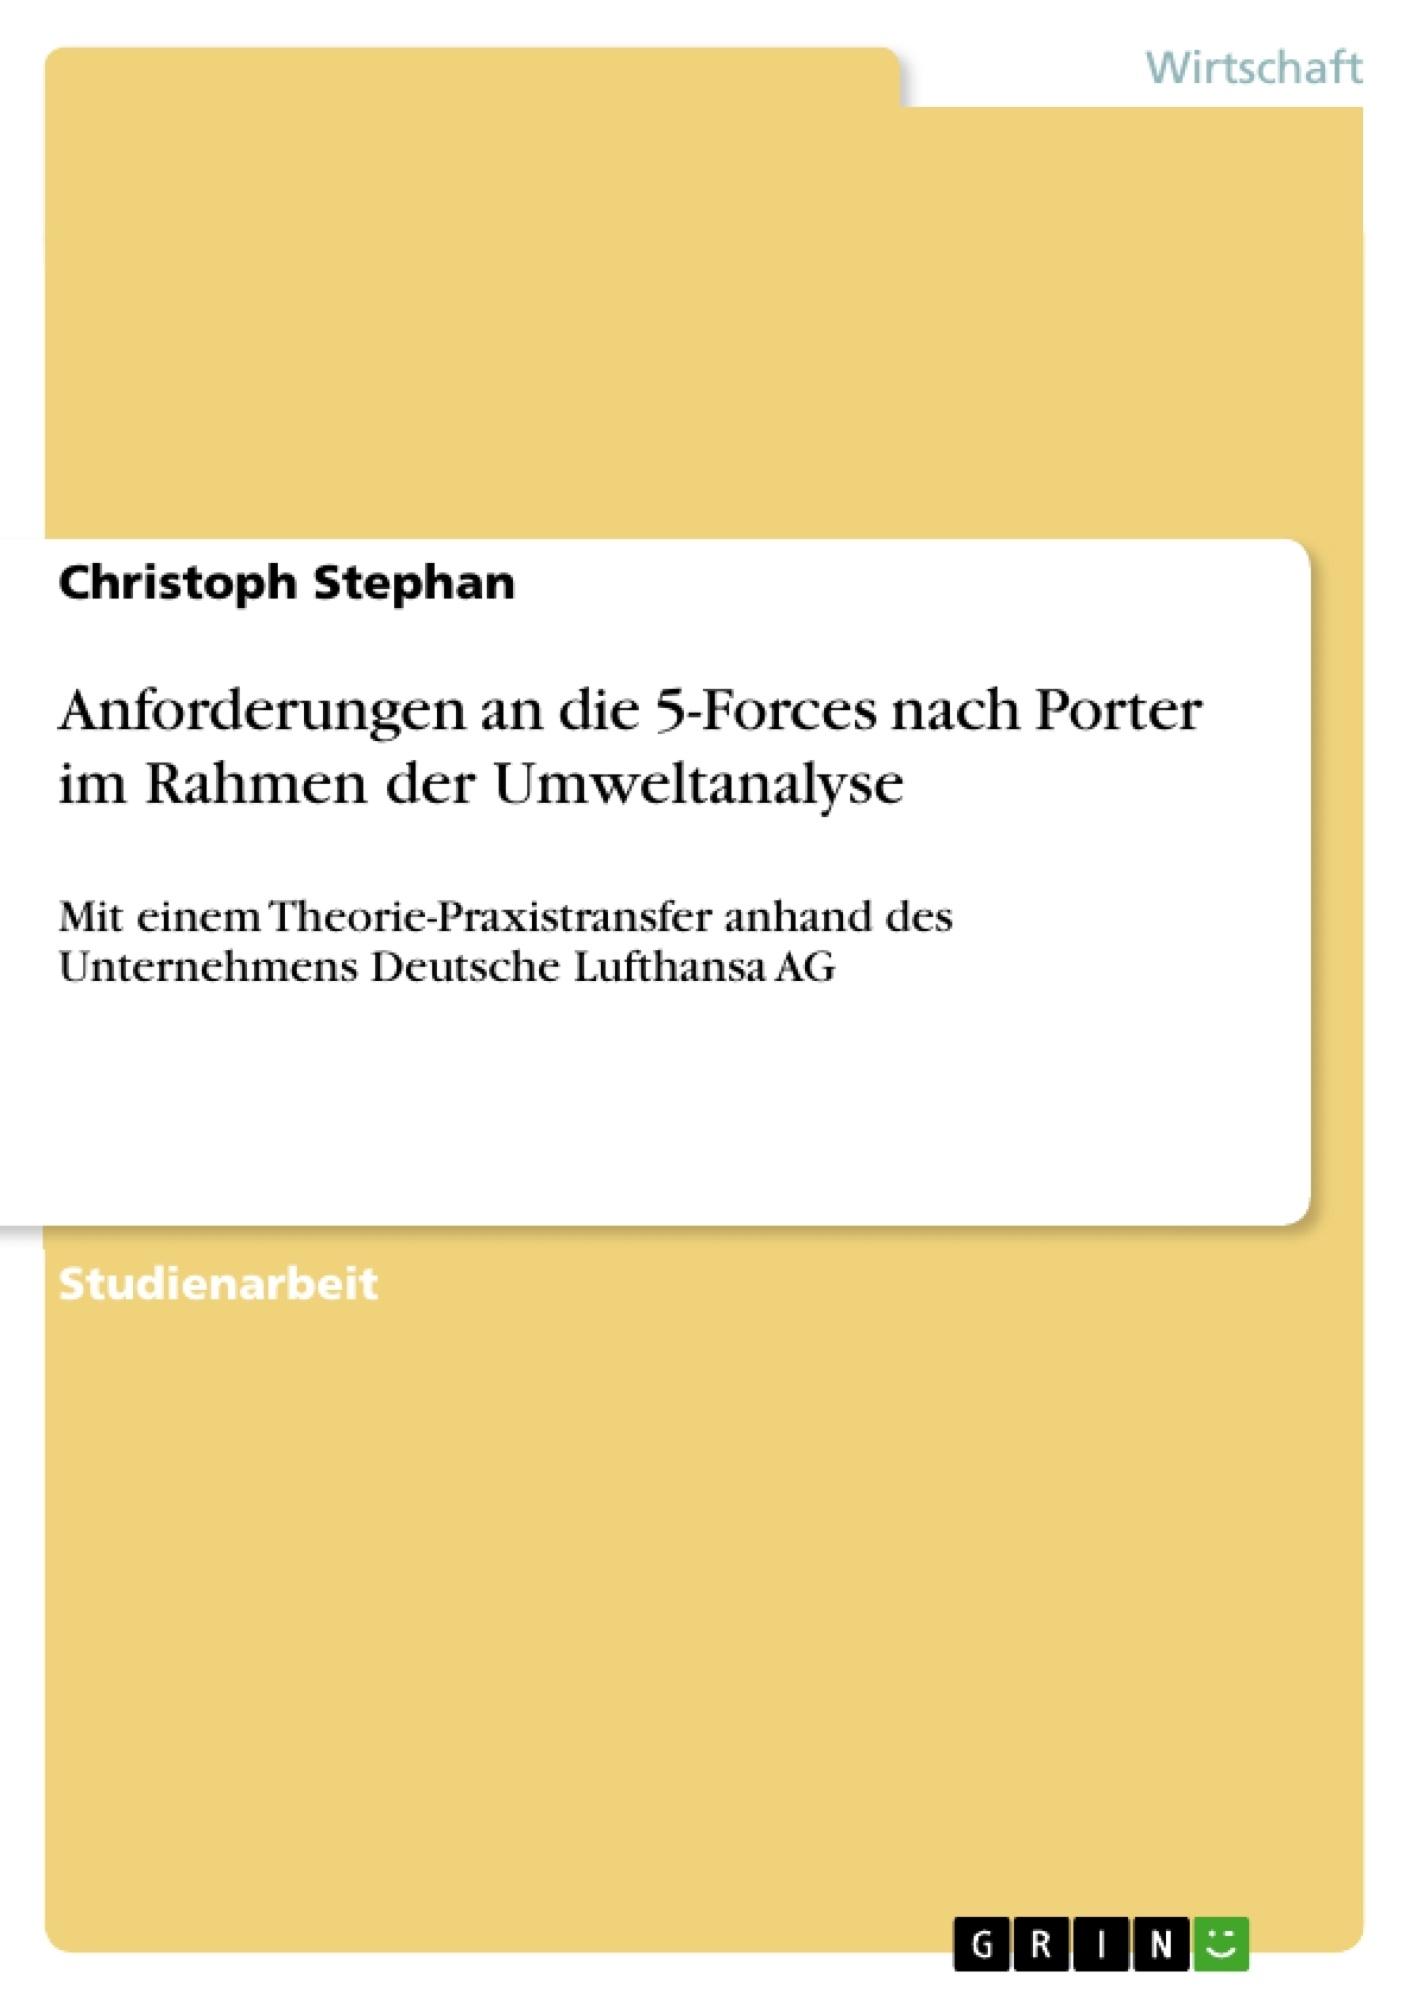 Titel: Anforderungen an die 5-Forces nach Porter im Rahmen der Umweltanalyse